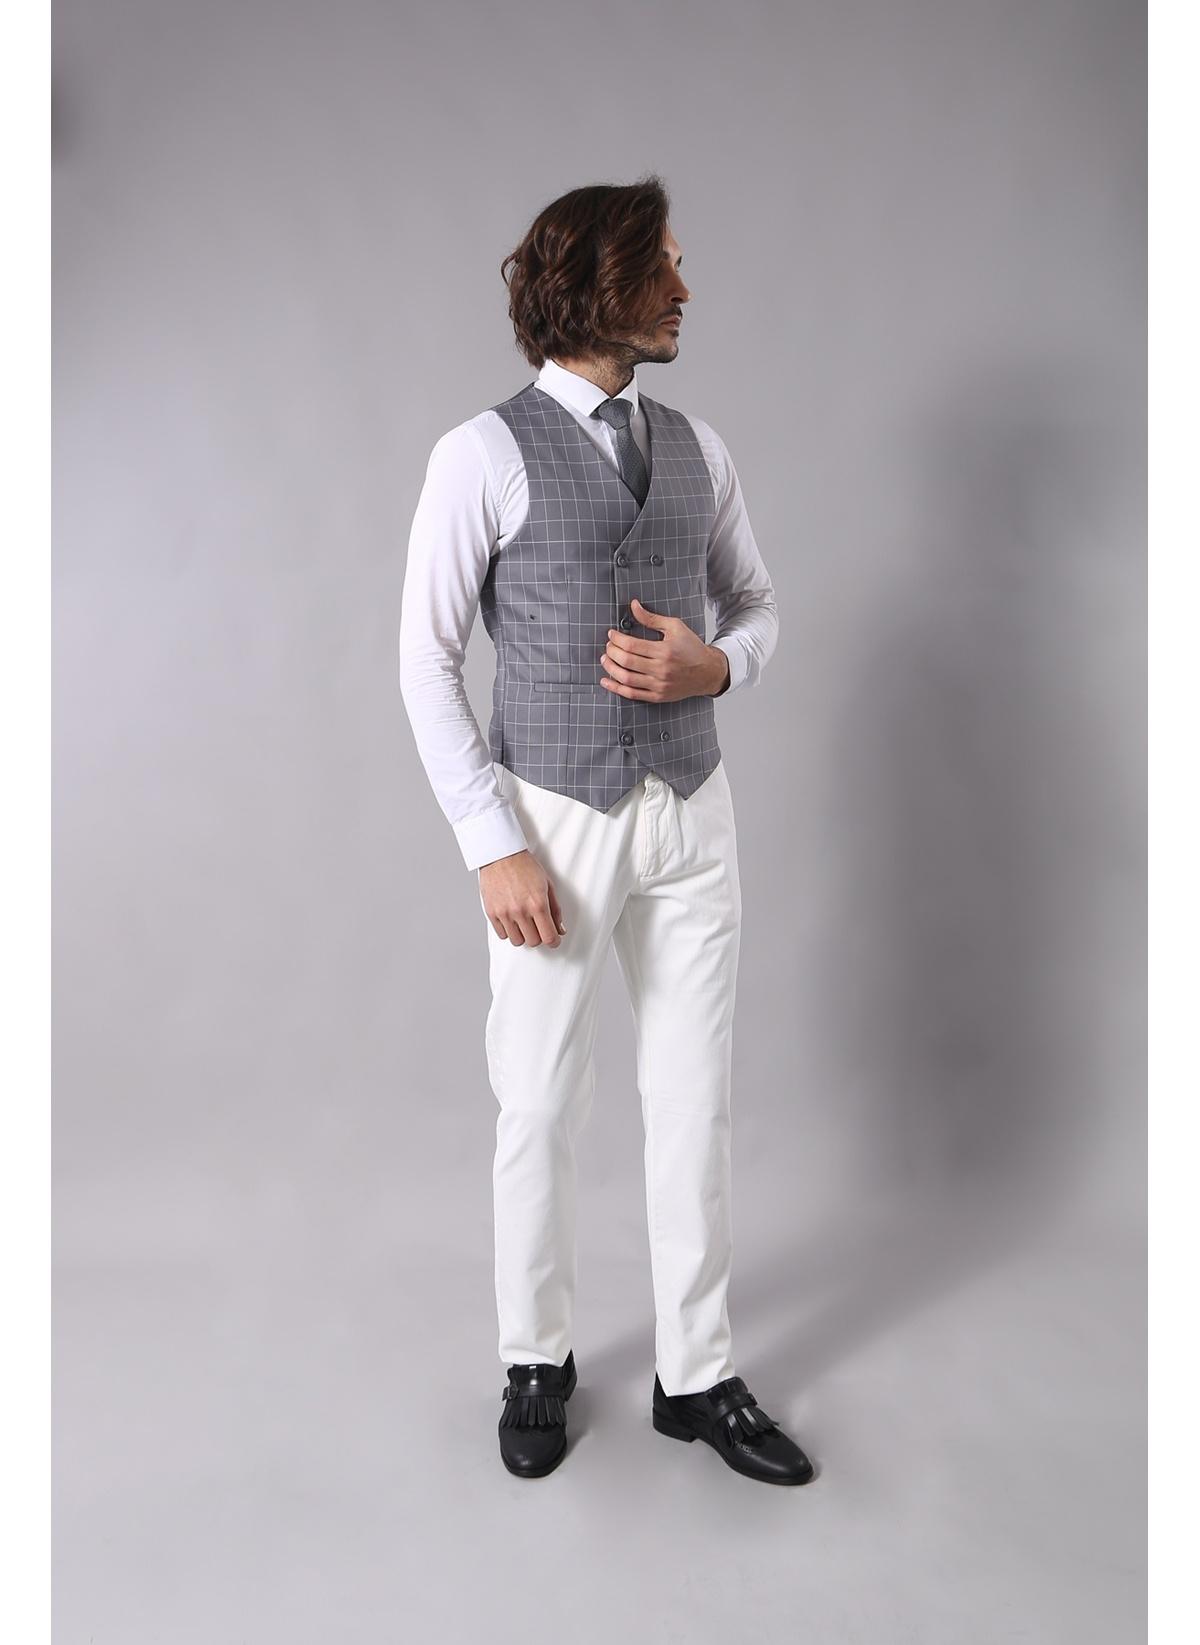 1d2063234909b Wessi Erkek Takım Elbise Gri 56 Beden TK-62160-103 Fiyatları ...